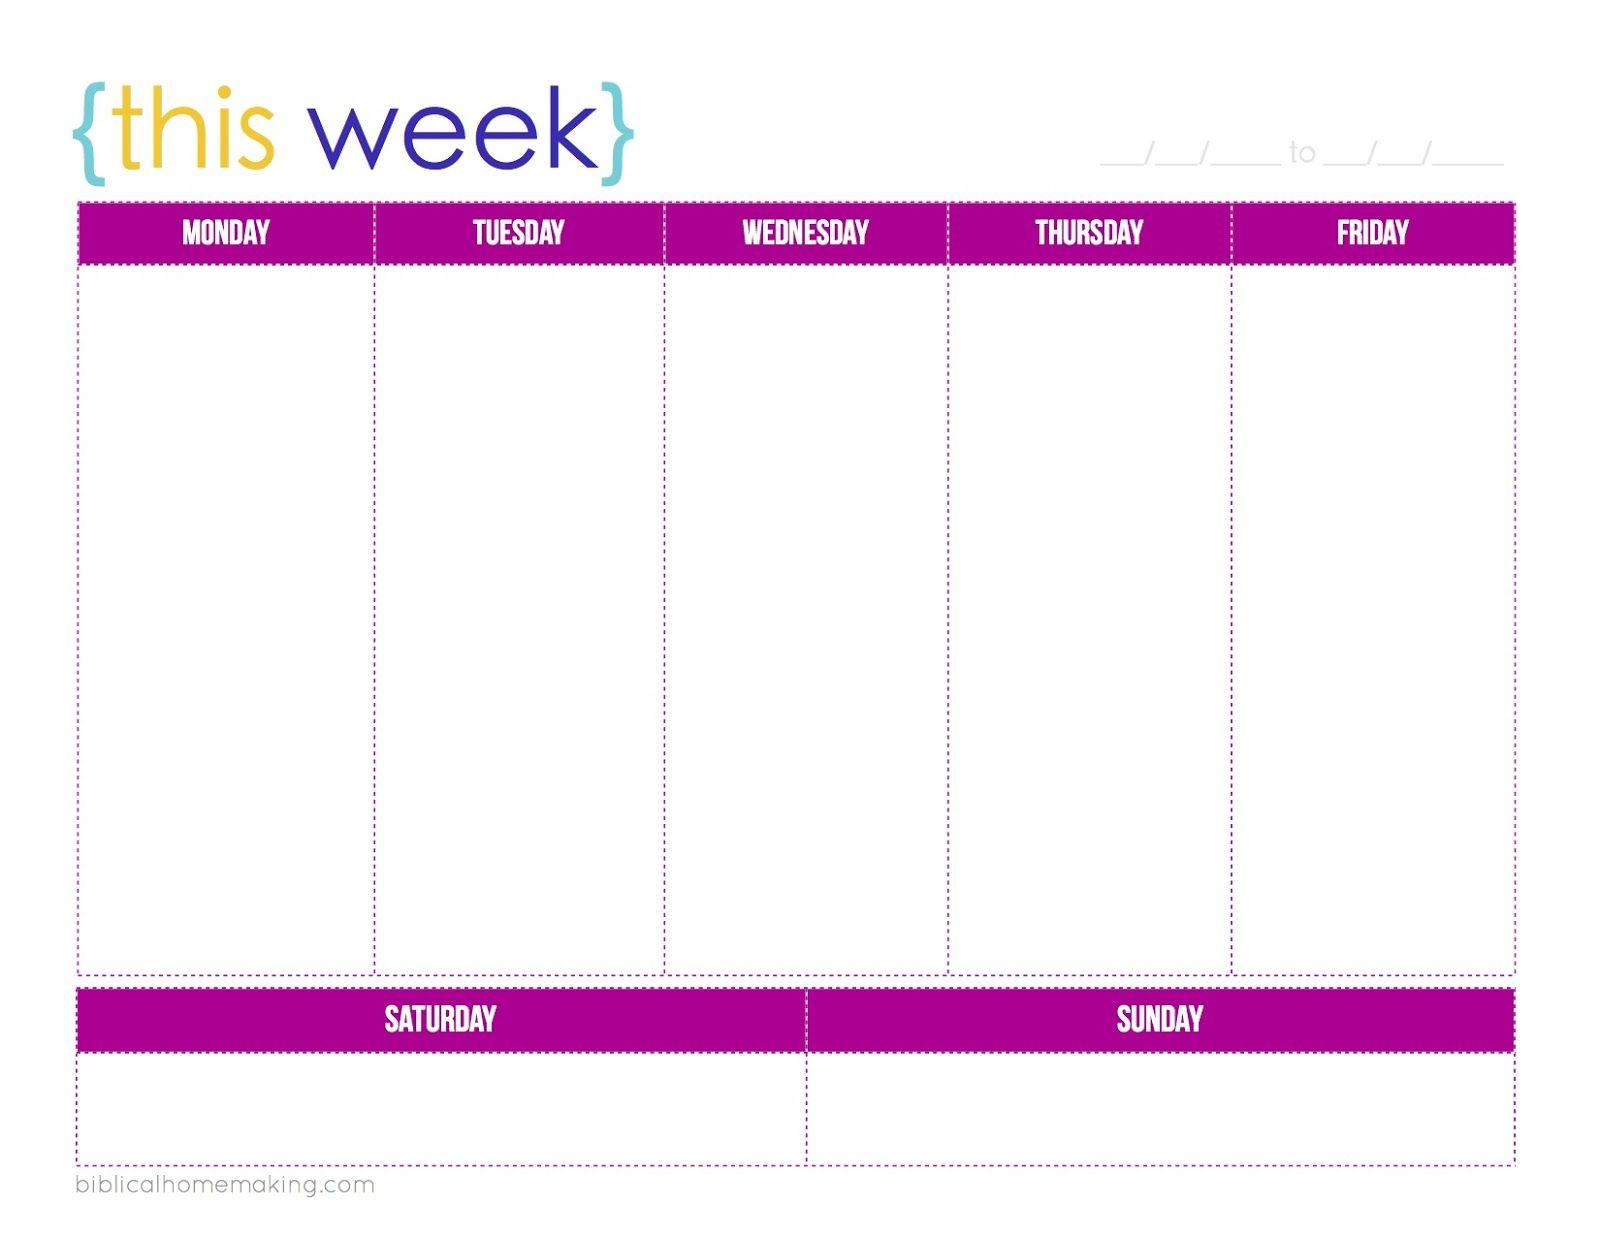 Free+Printable+Weekly+Planner+Calendars | Weekly Planner inside One Week Calendar With Time Slots